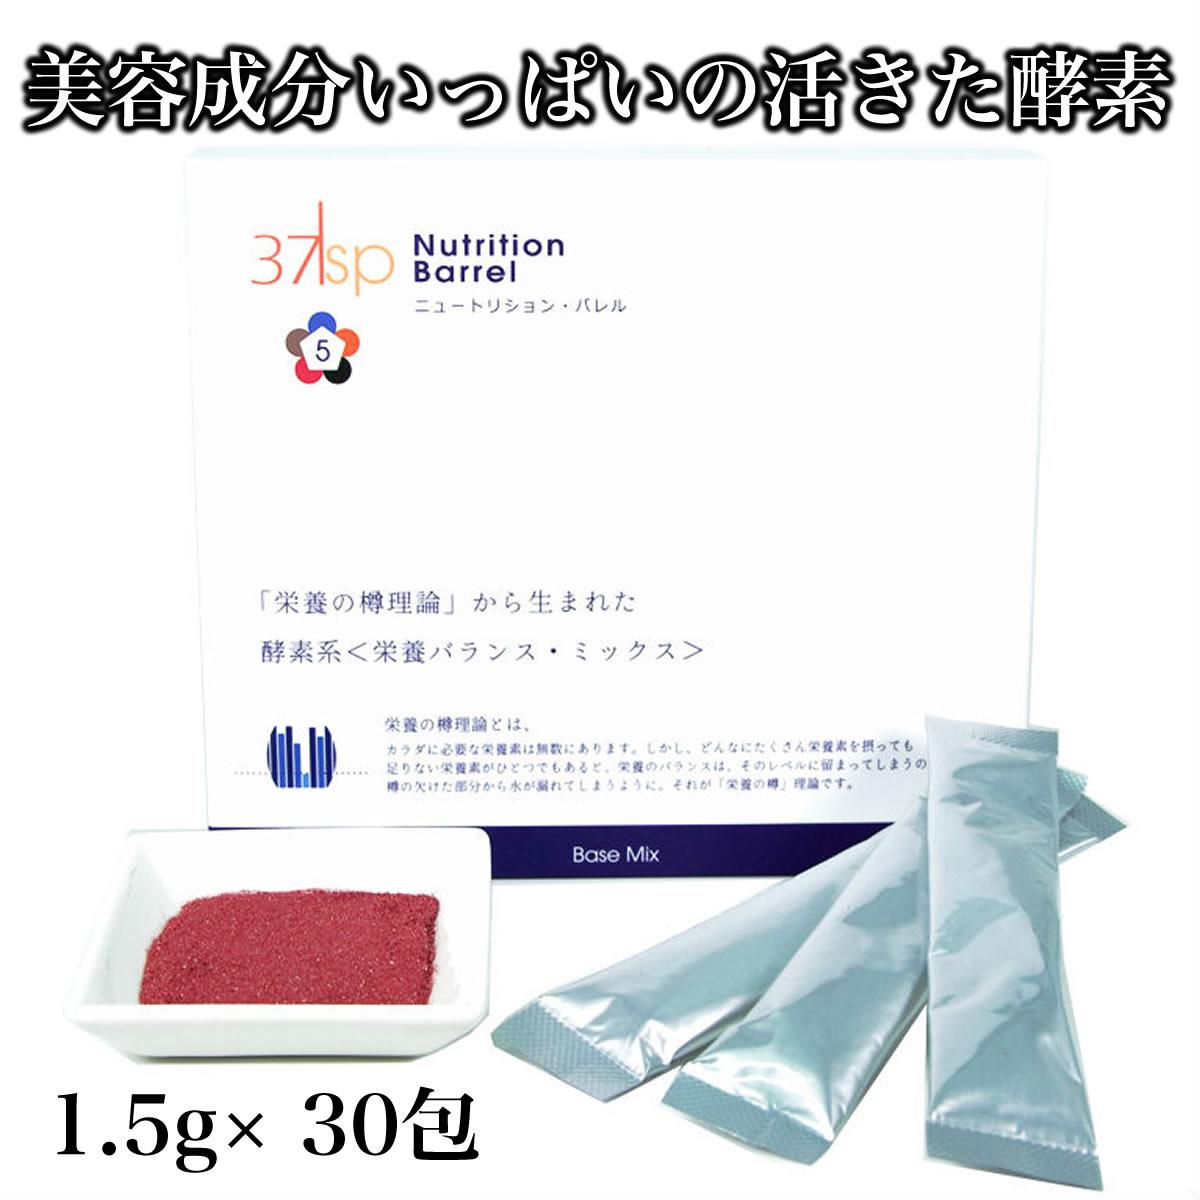 37度 supplement 活きた酵素 37sp Nutrition Barrel ニュートリションバレル サプリメント/栄養/健康/オーガニック/贈答/プレゼント/贈り物